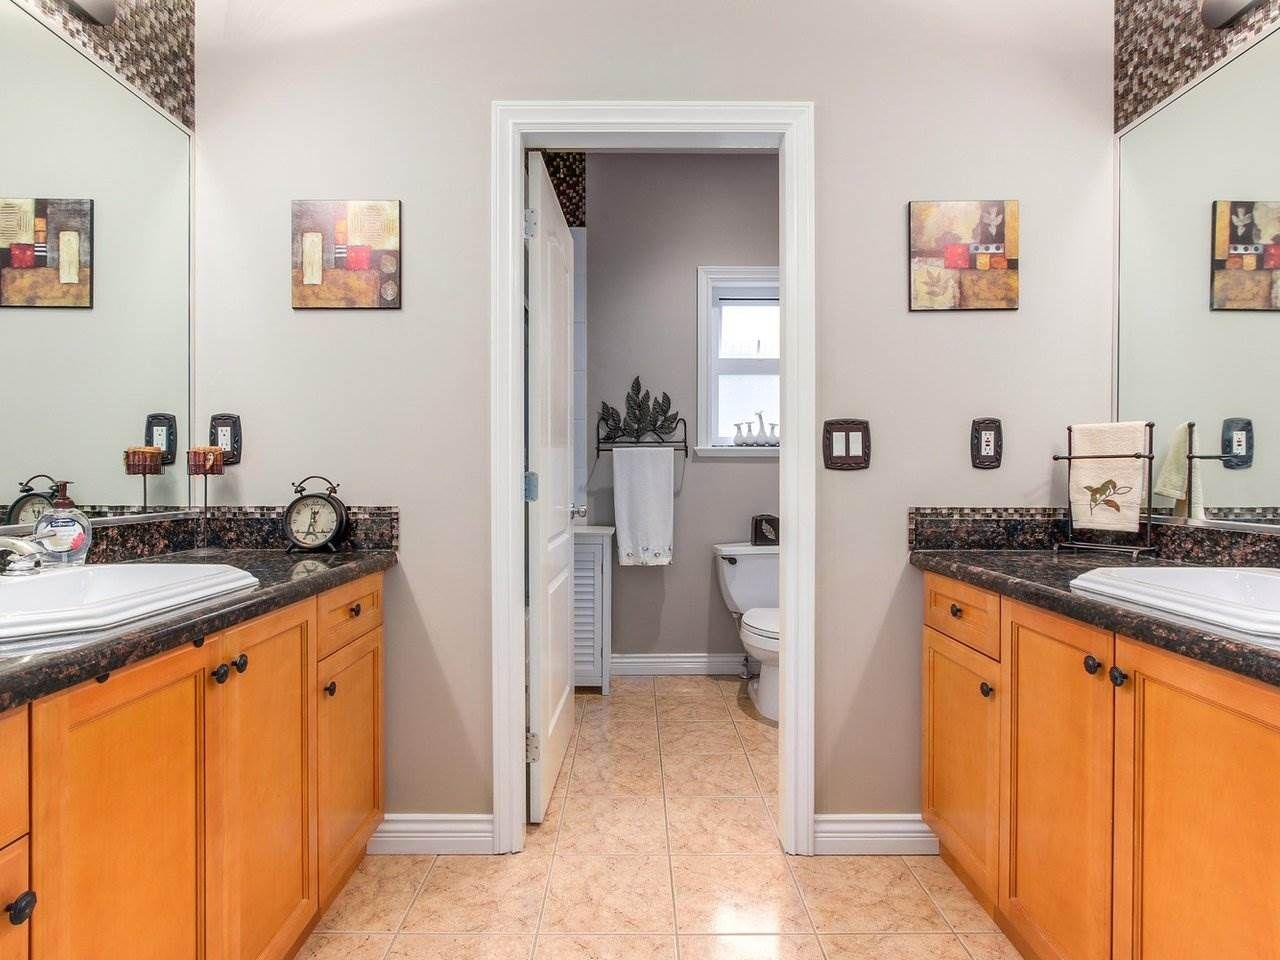 Photo 18: Photos: 725 REGAN Avenue in Coquitlam: Coquitlam West House for sale : MLS®# R2226266